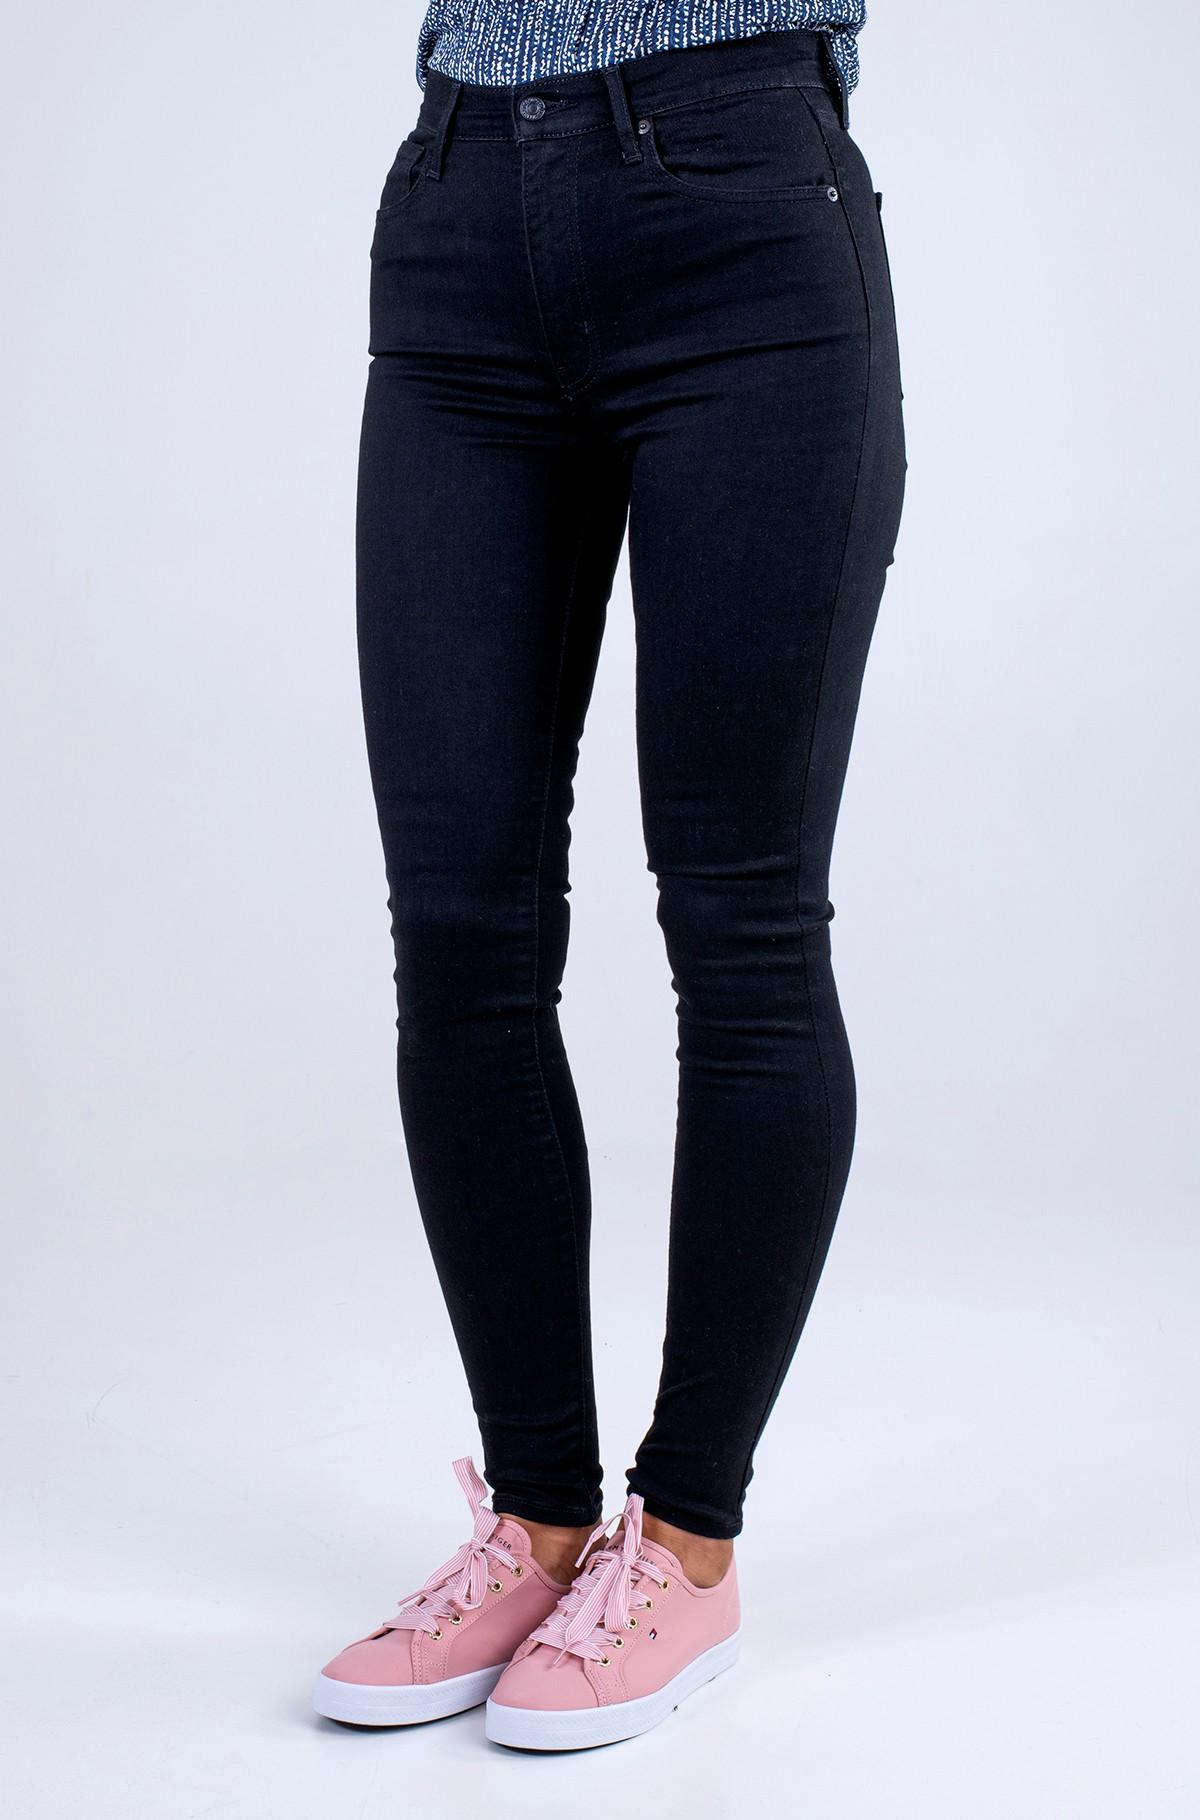 Jeans 227910052-full-1